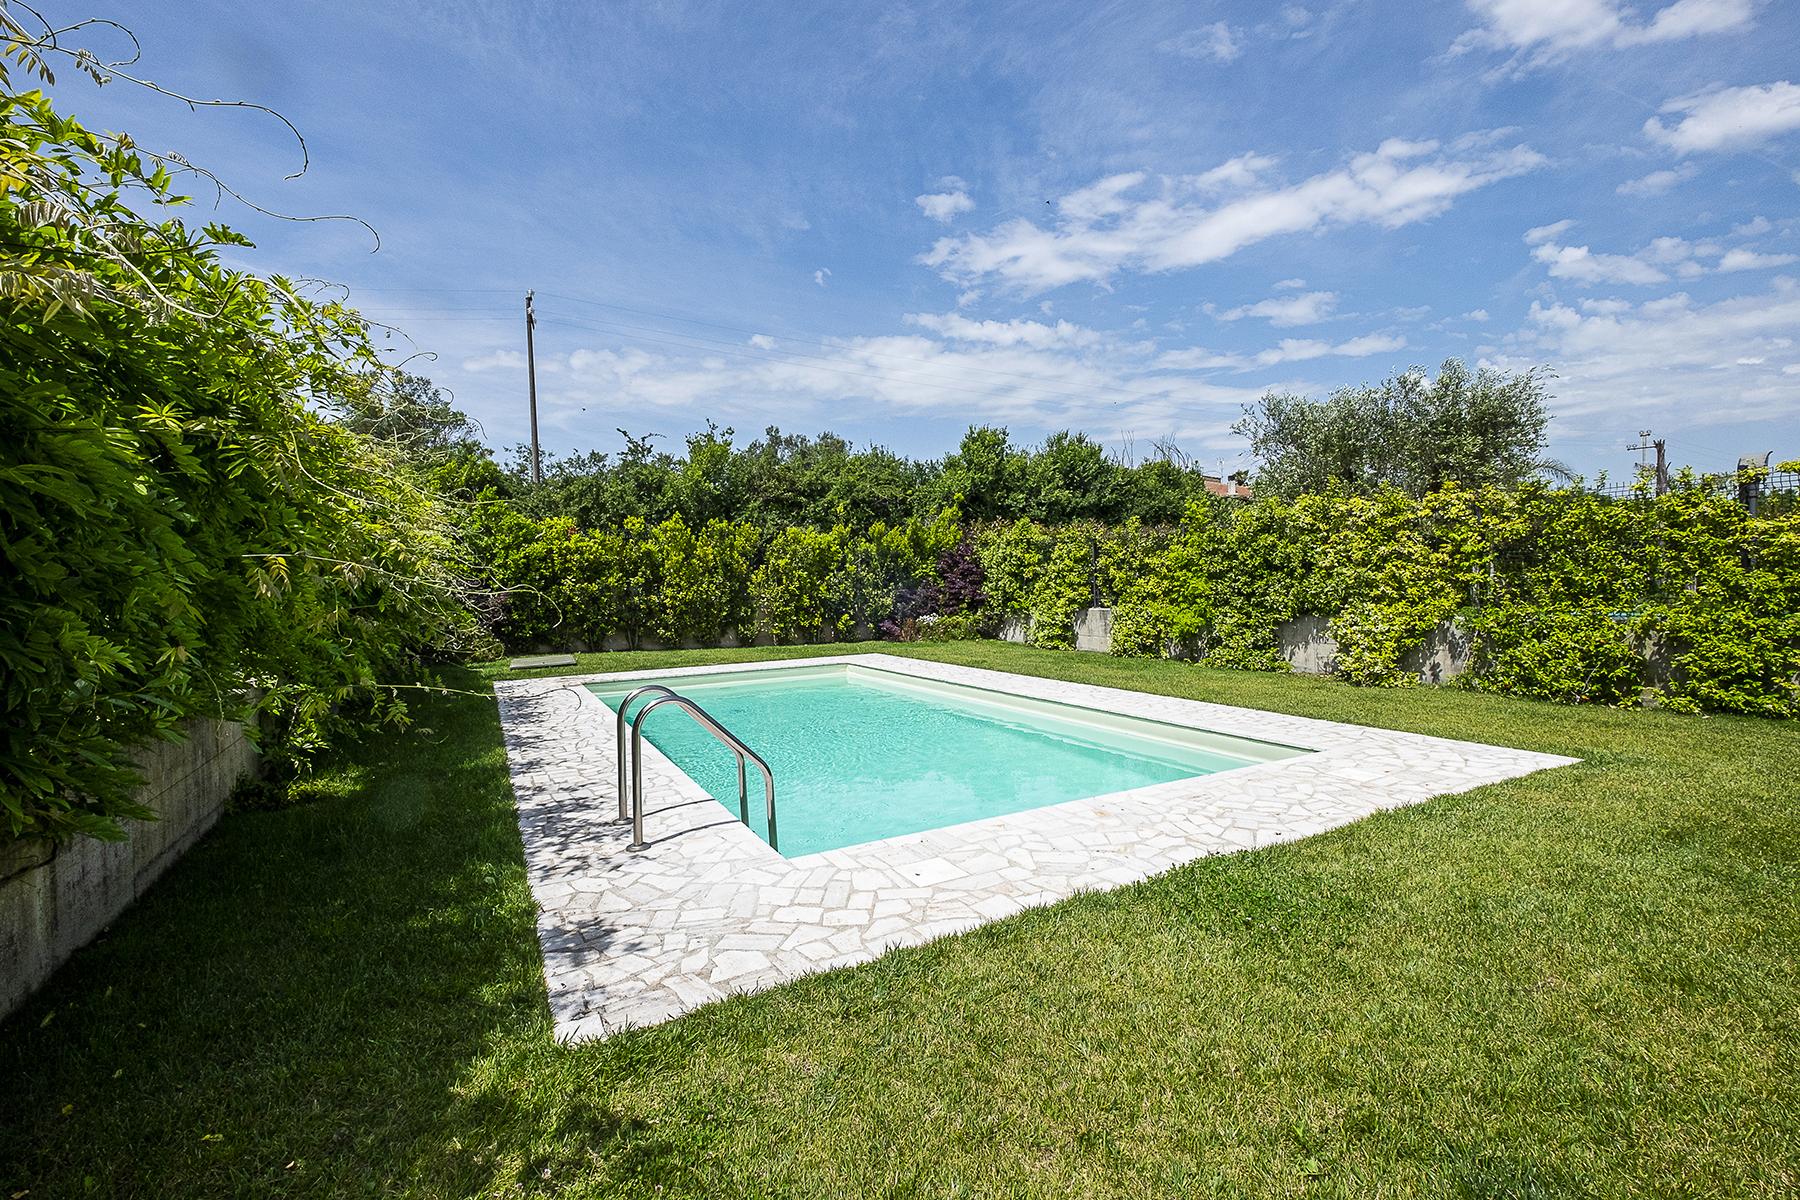 Villa in Vendita a Bracciano: 5 locali, 215 mq - Foto 4